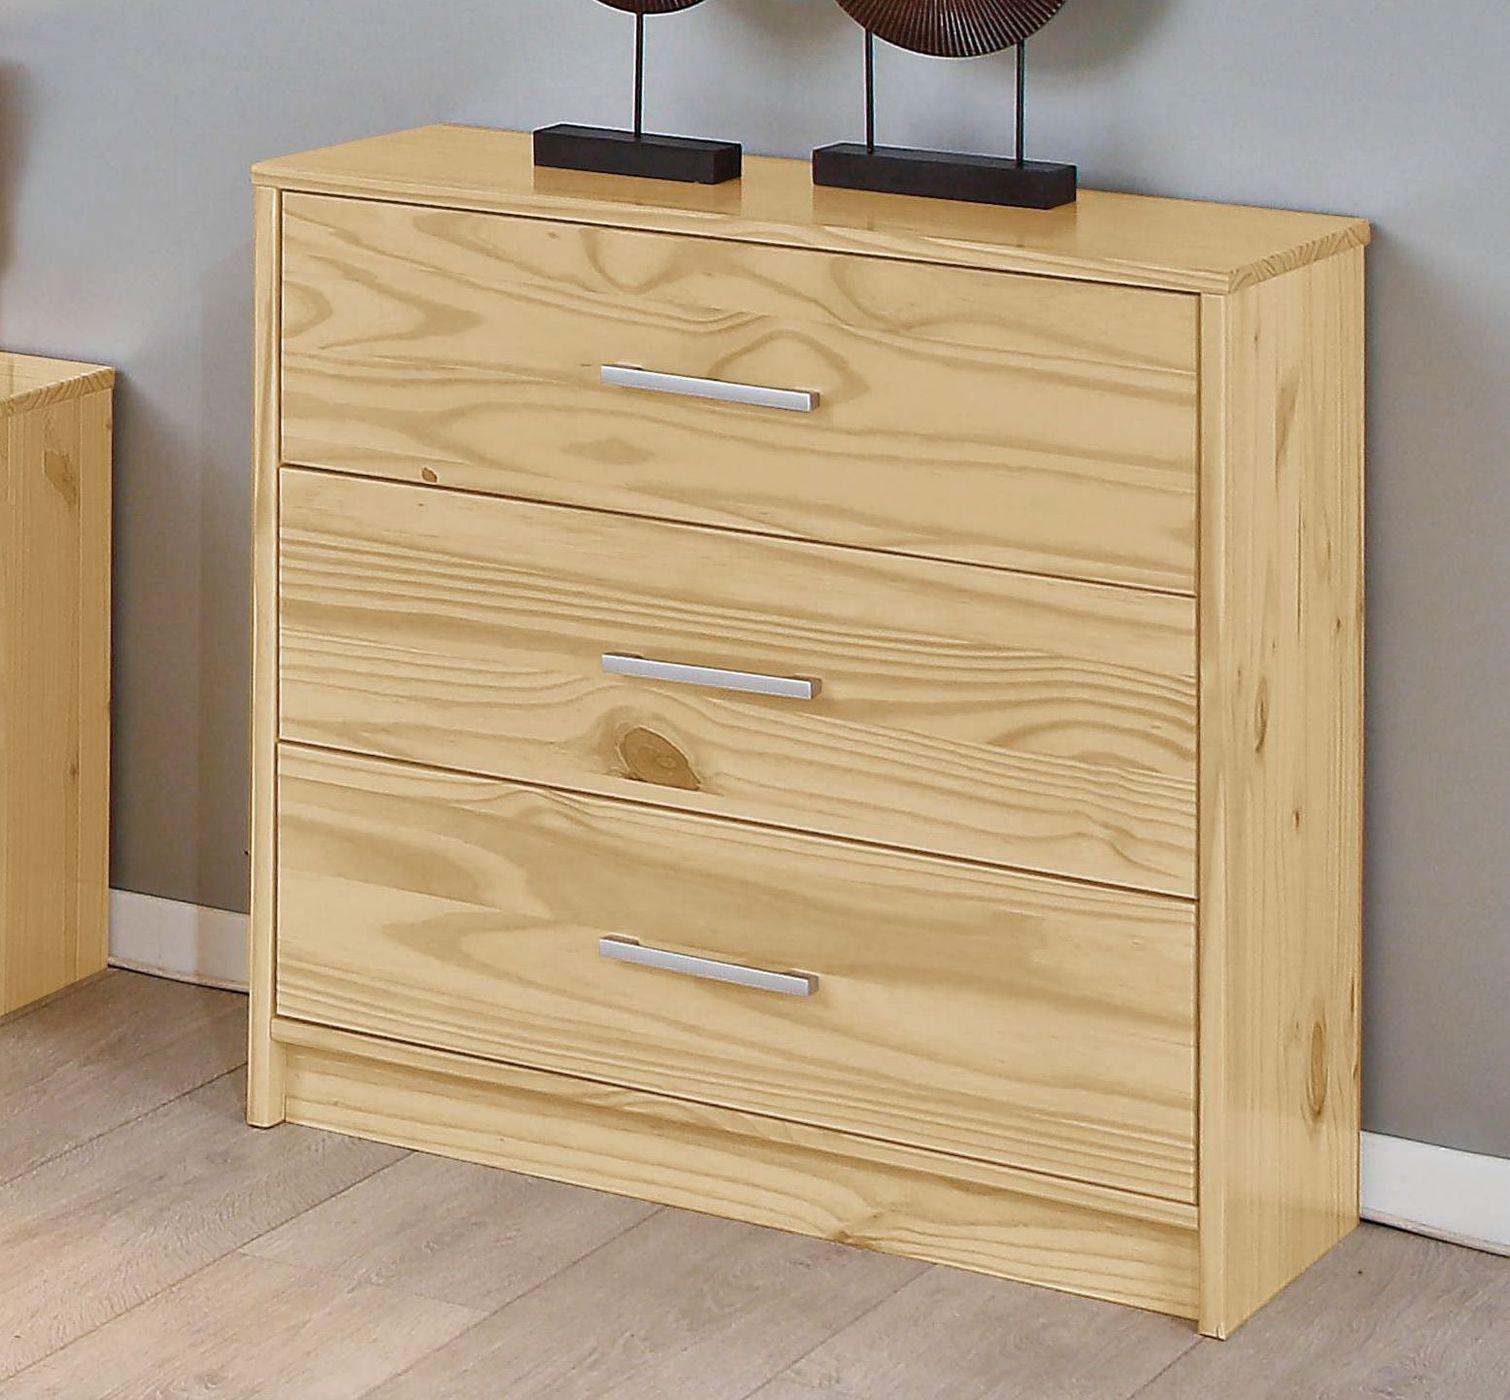 schubladen kommode kiefer natur preiswert pflegeleicht. Black Bedroom Furniture Sets. Home Design Ideas